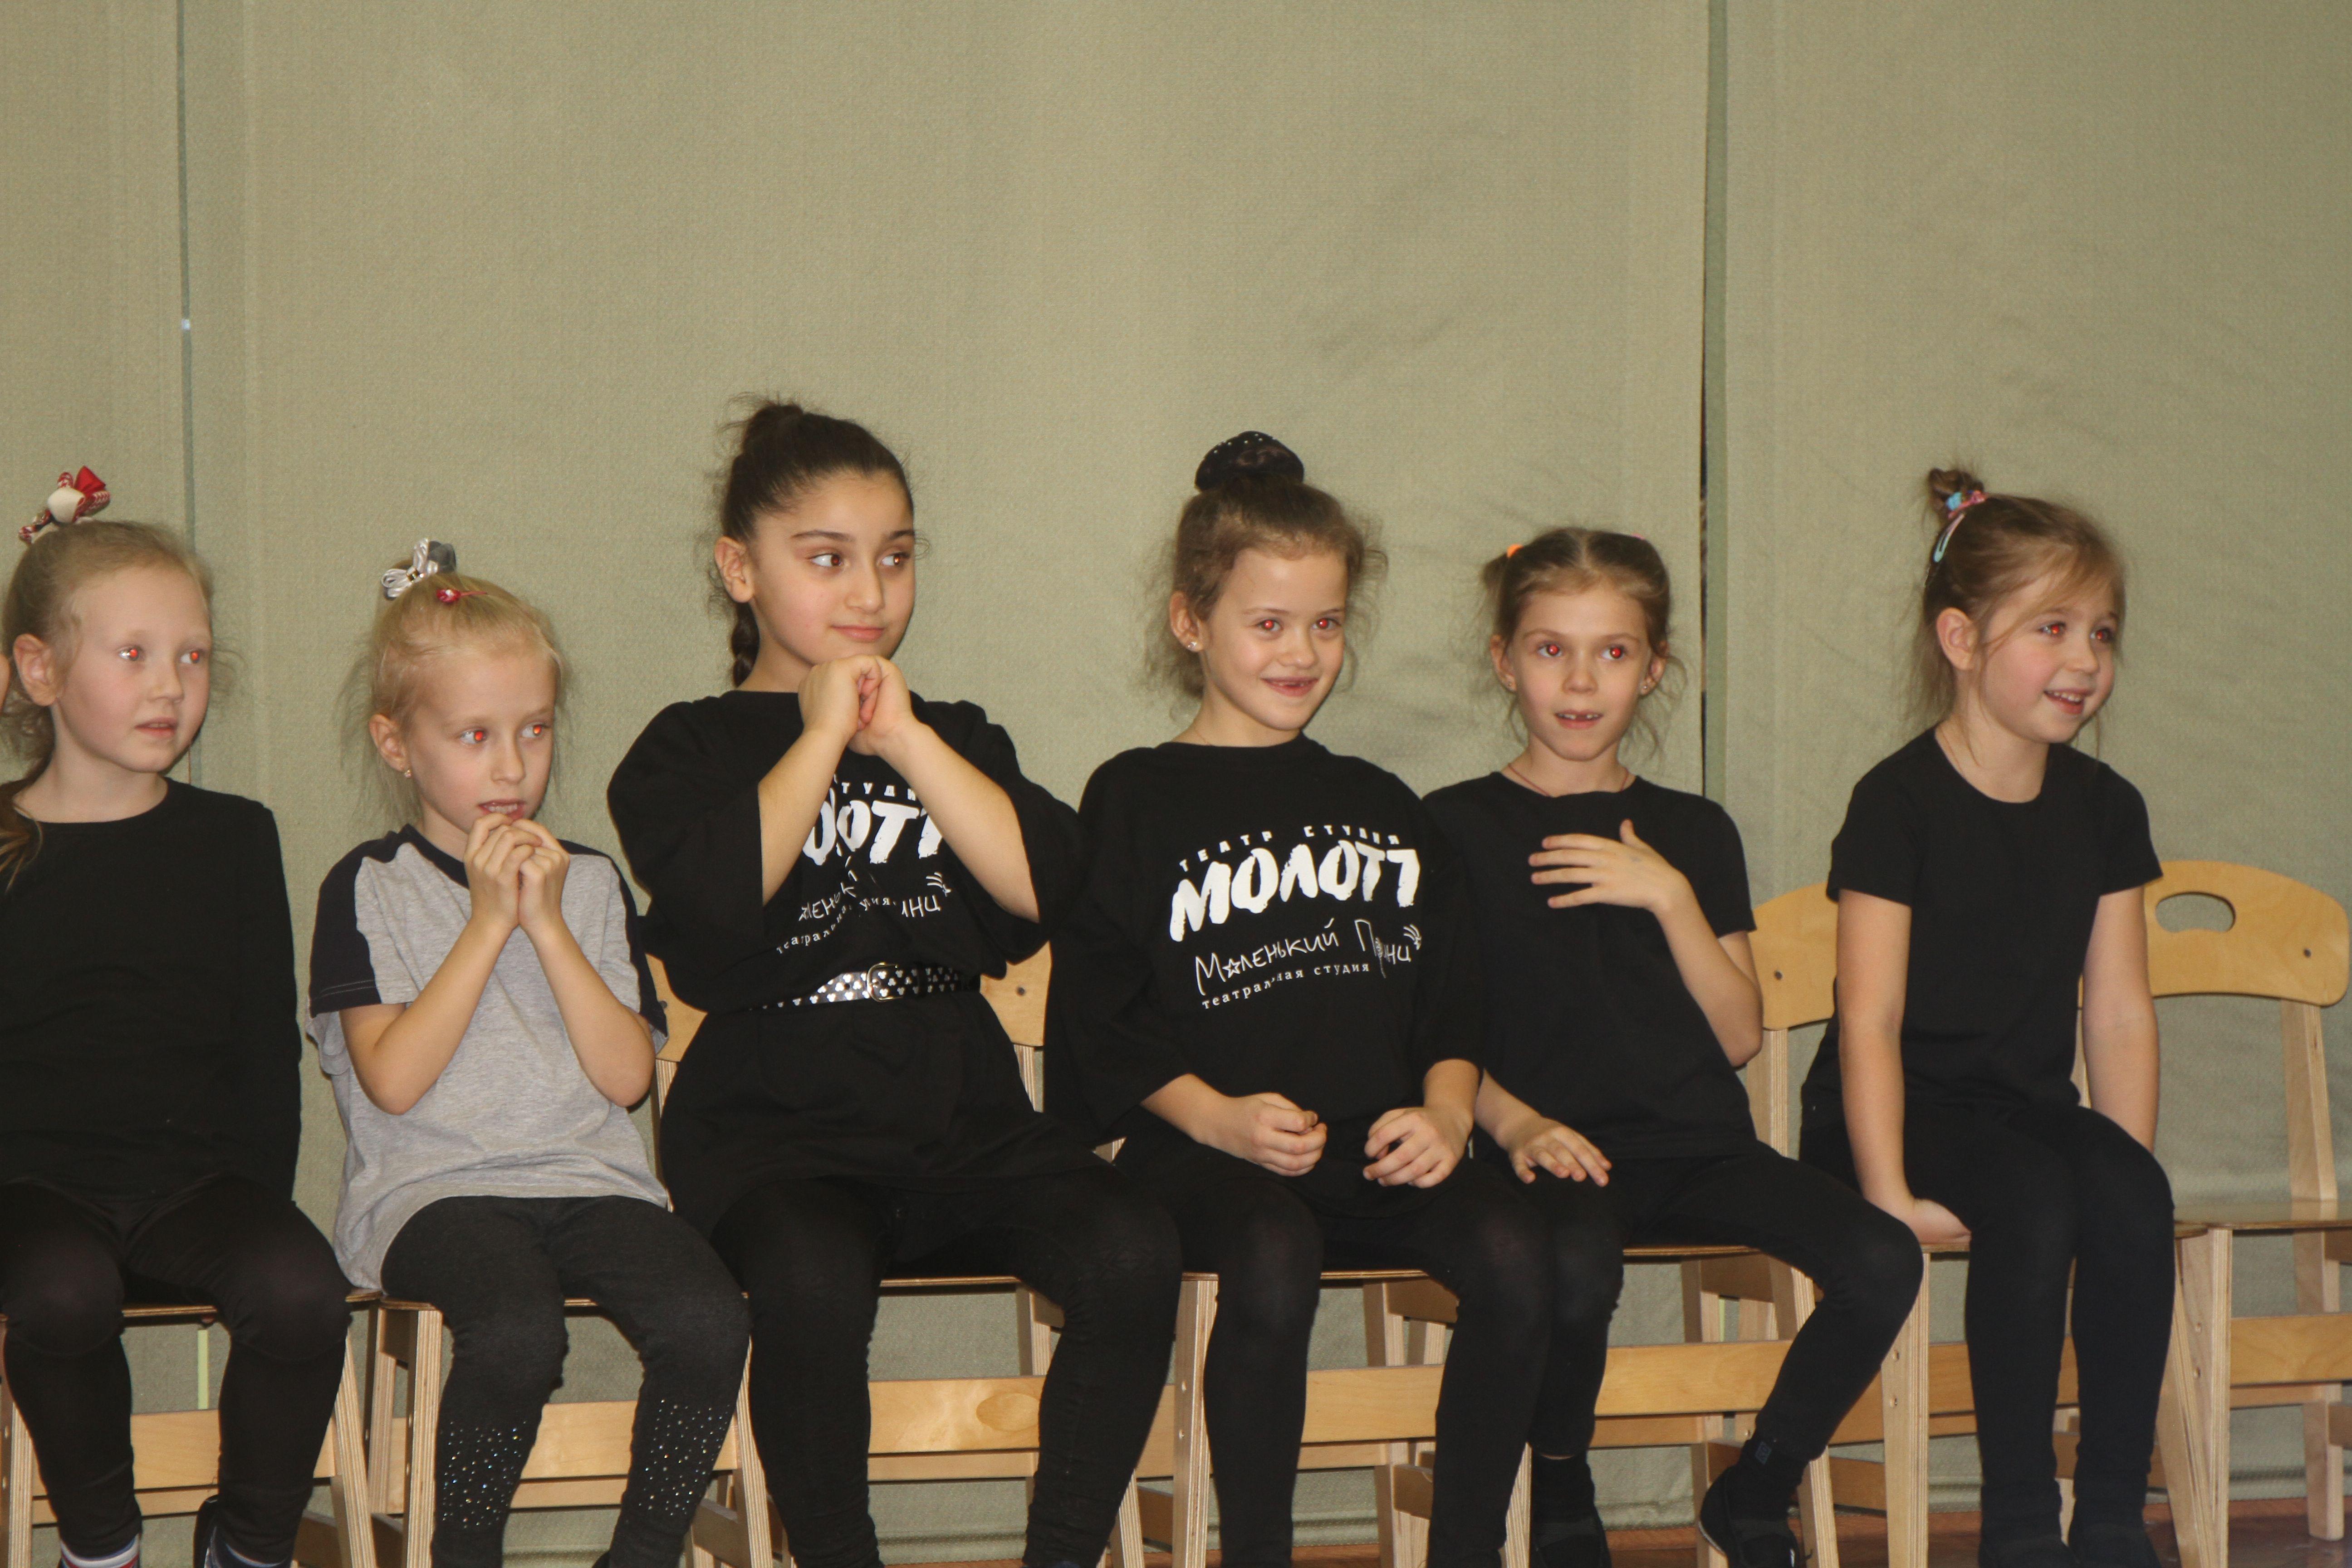 Занятие провели воспитанники театральной студии «Маленький принц». Фото предоставил сотрудник учреждения